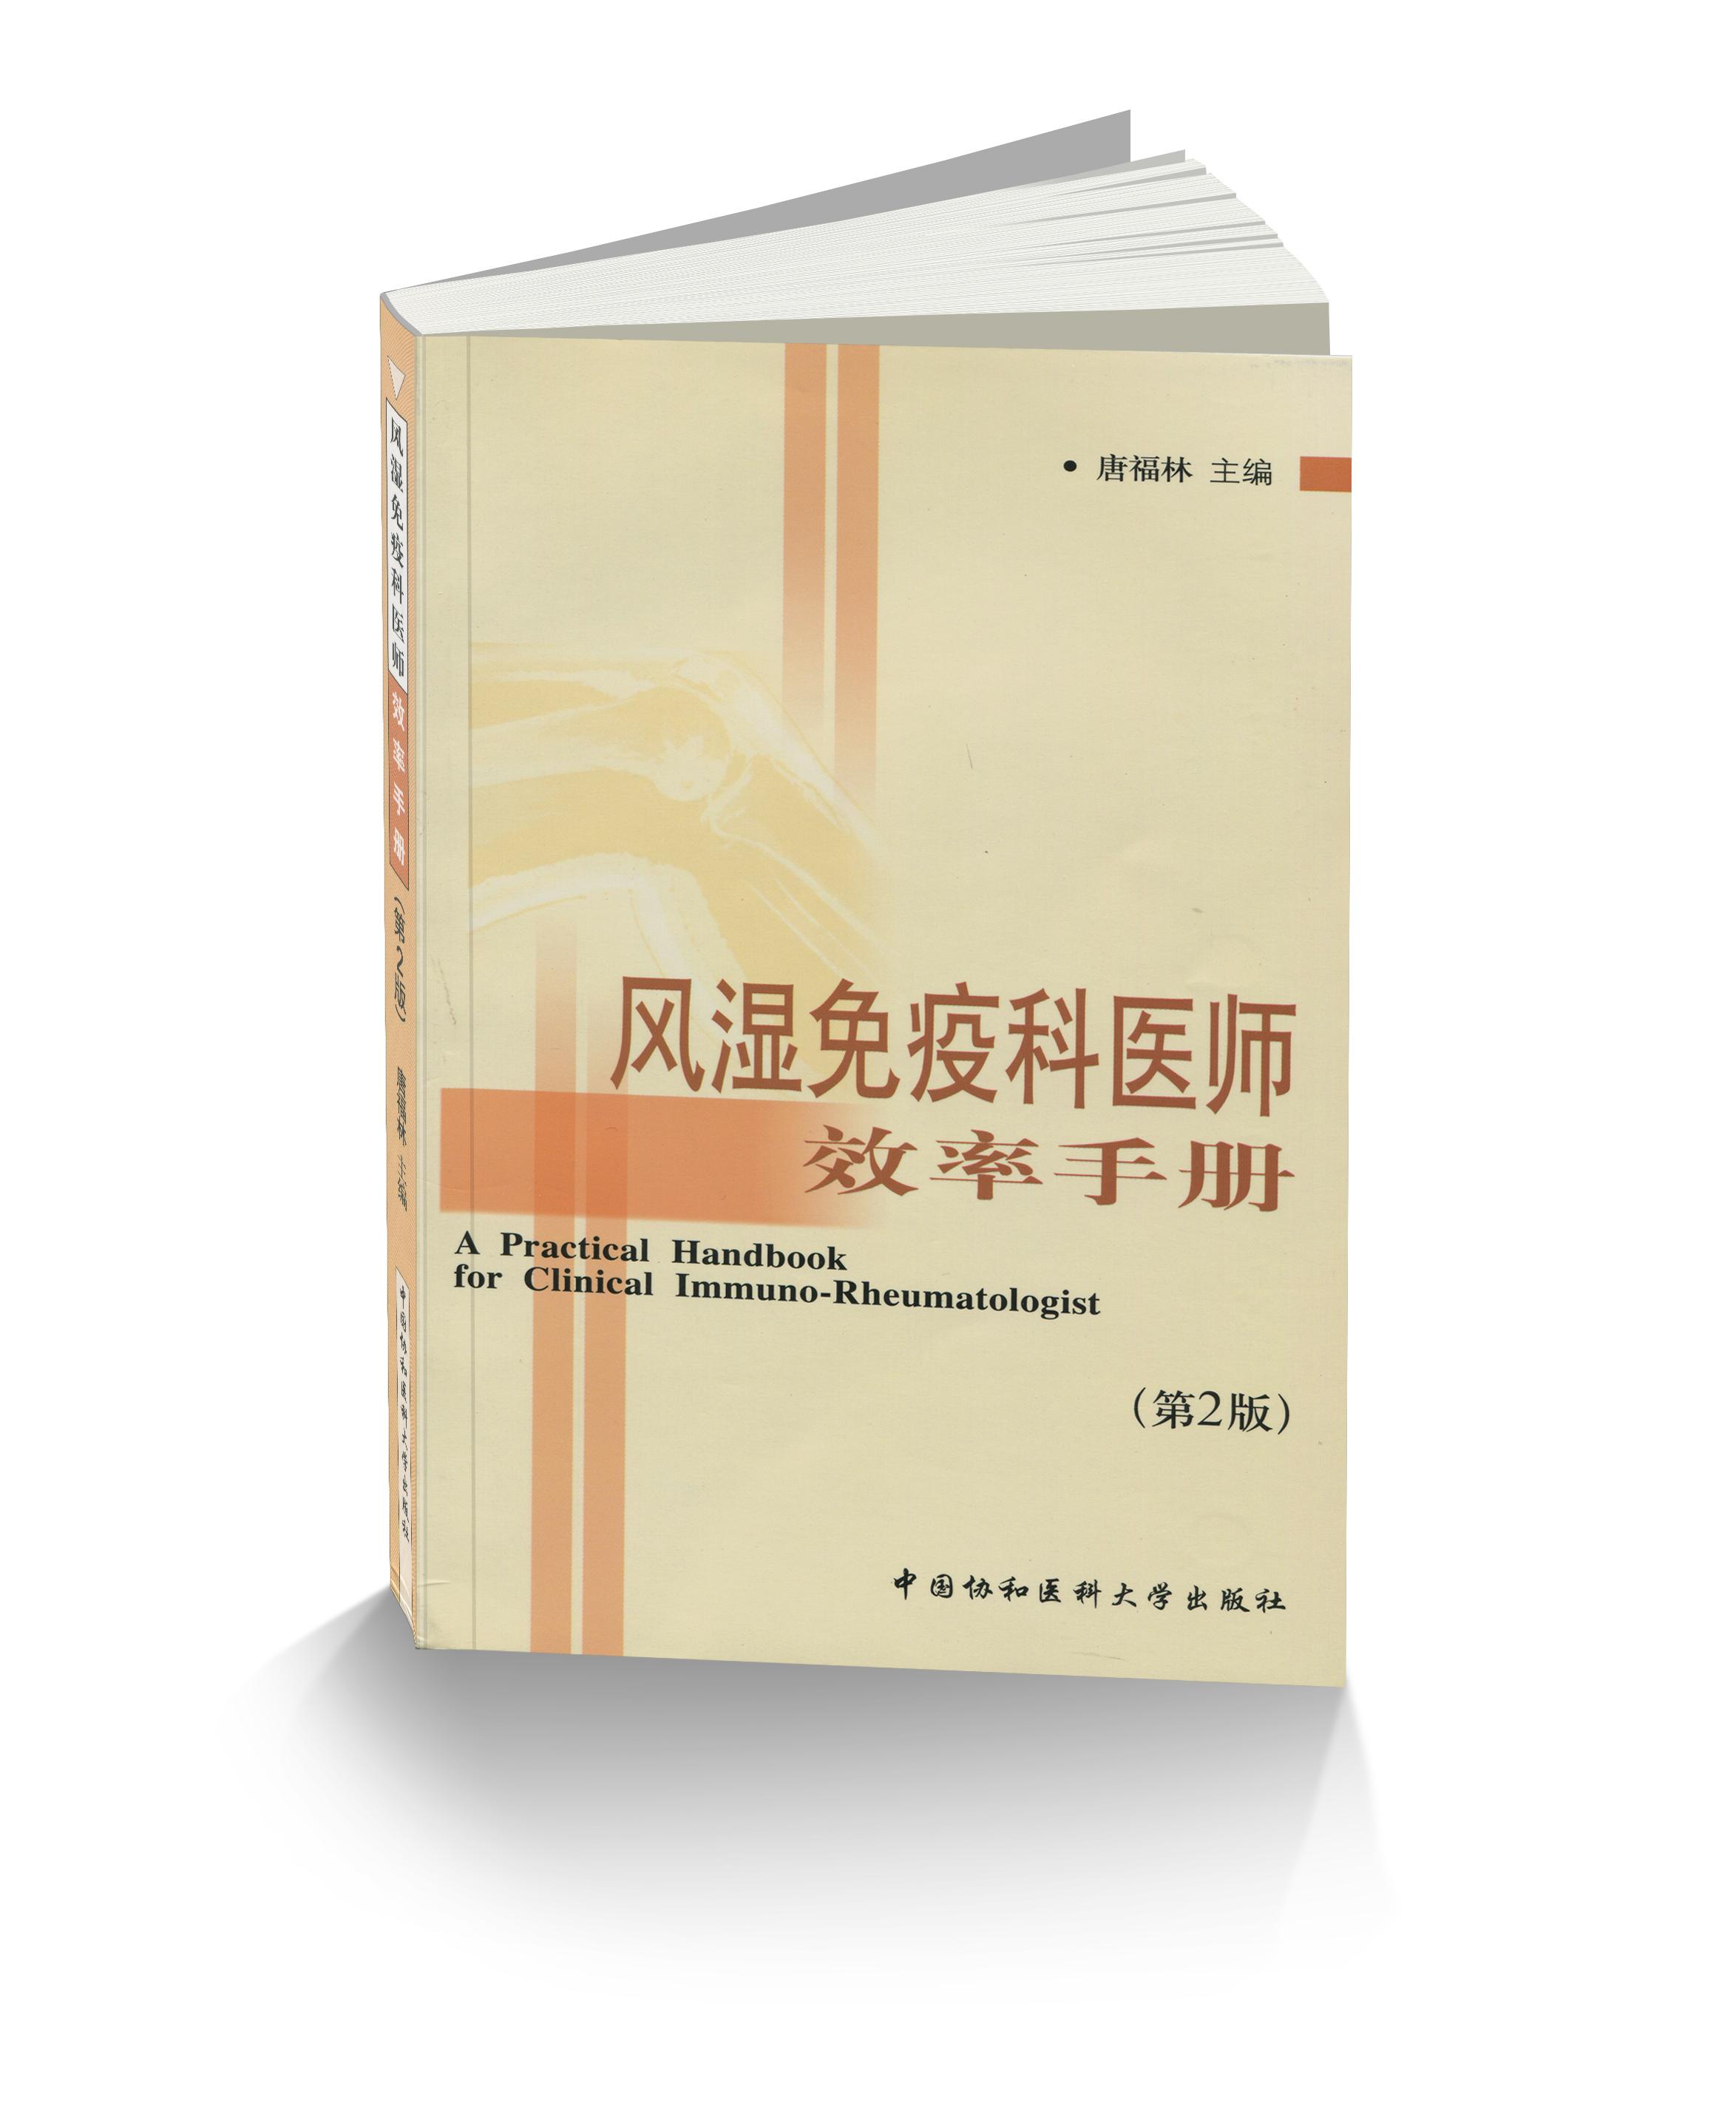 风湿免疫科医师效率手册(第2版)